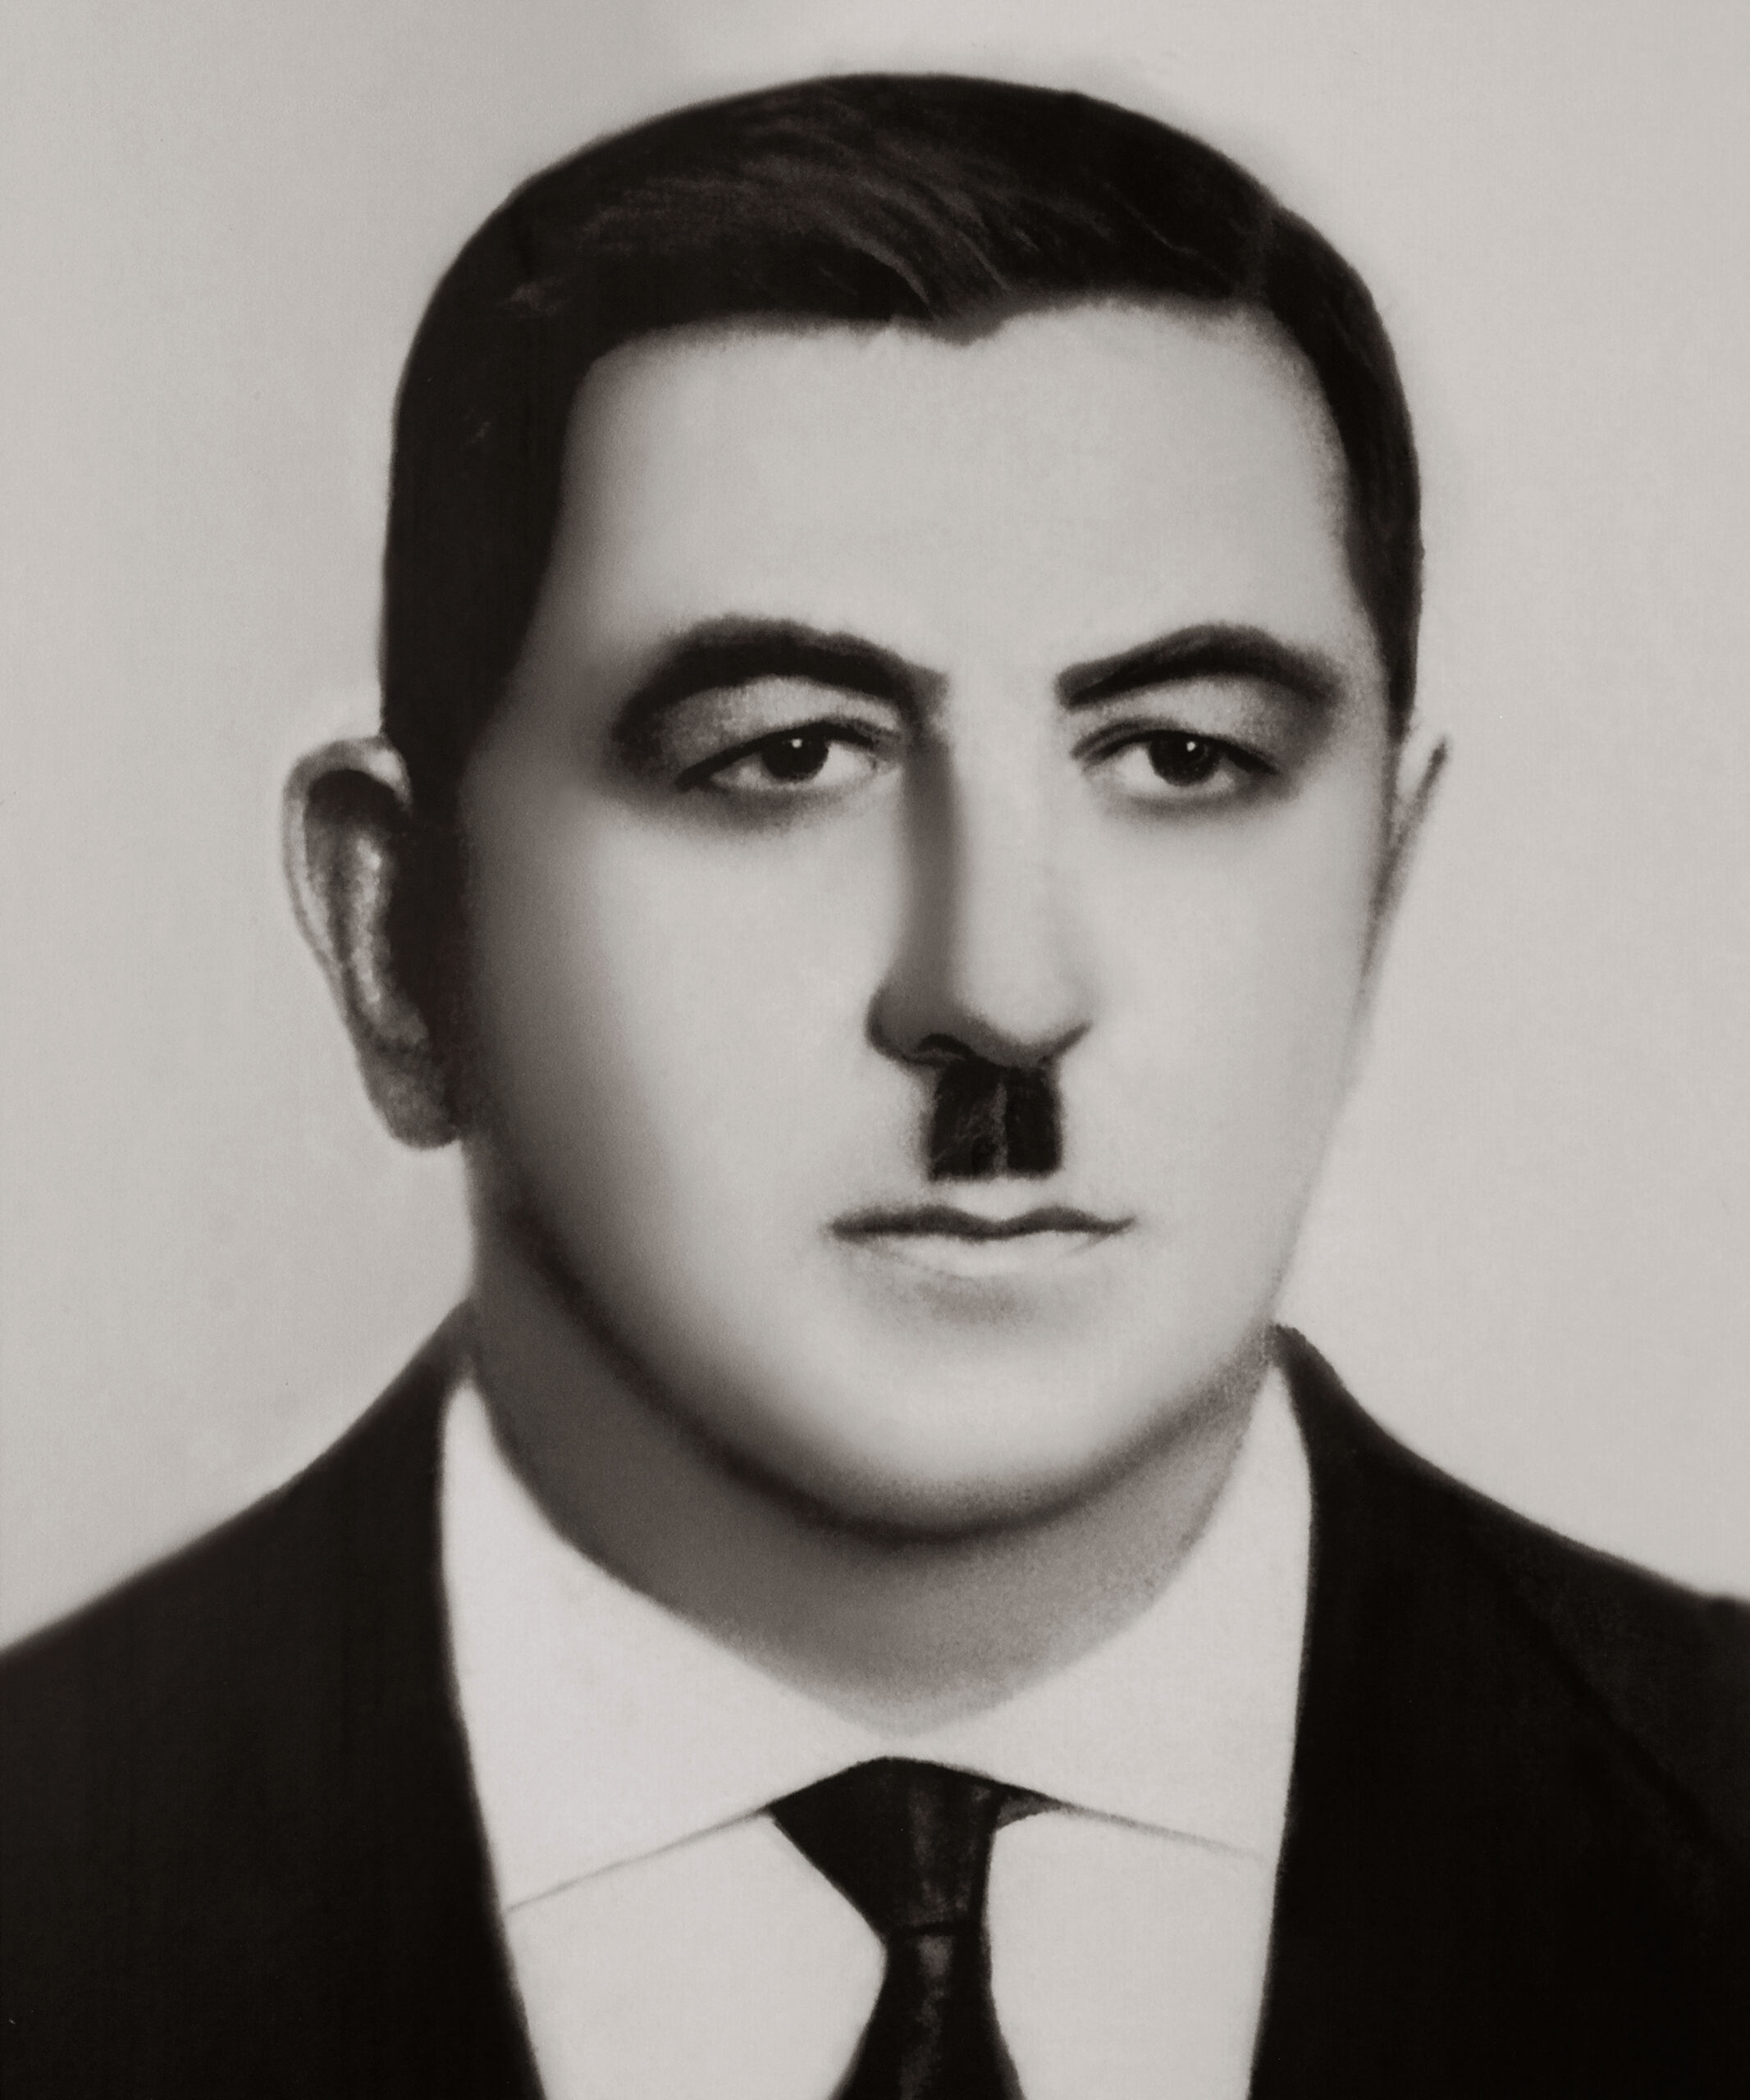 Kebapçı İskender oğlu Süleyman İskenderoğlu